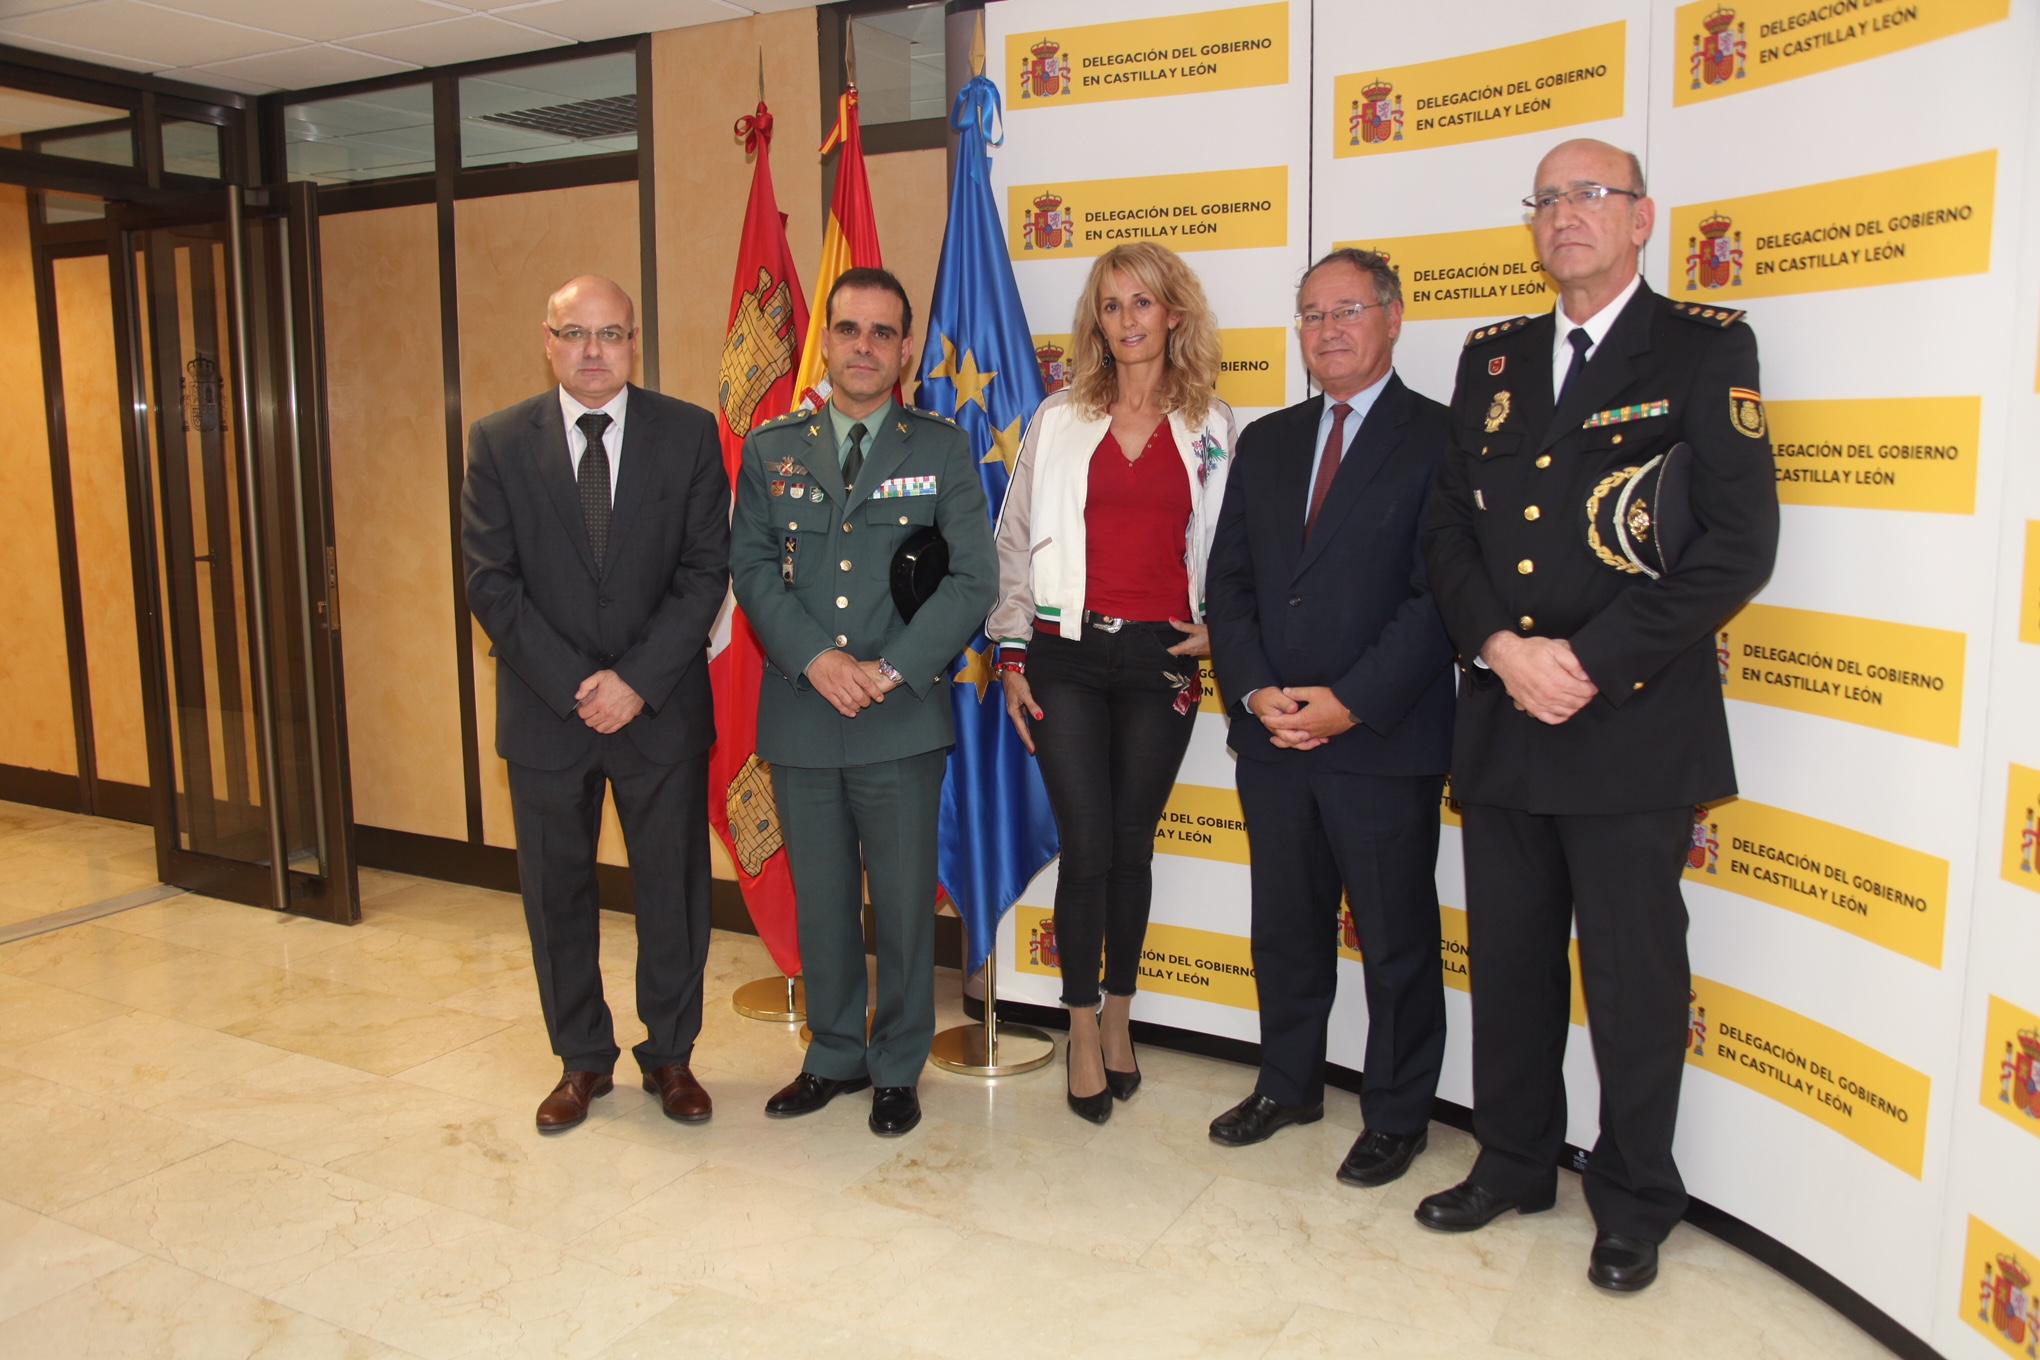 Castilla y León pone en marcha el interlocutor policial para evitar agresiones al personal sanitario